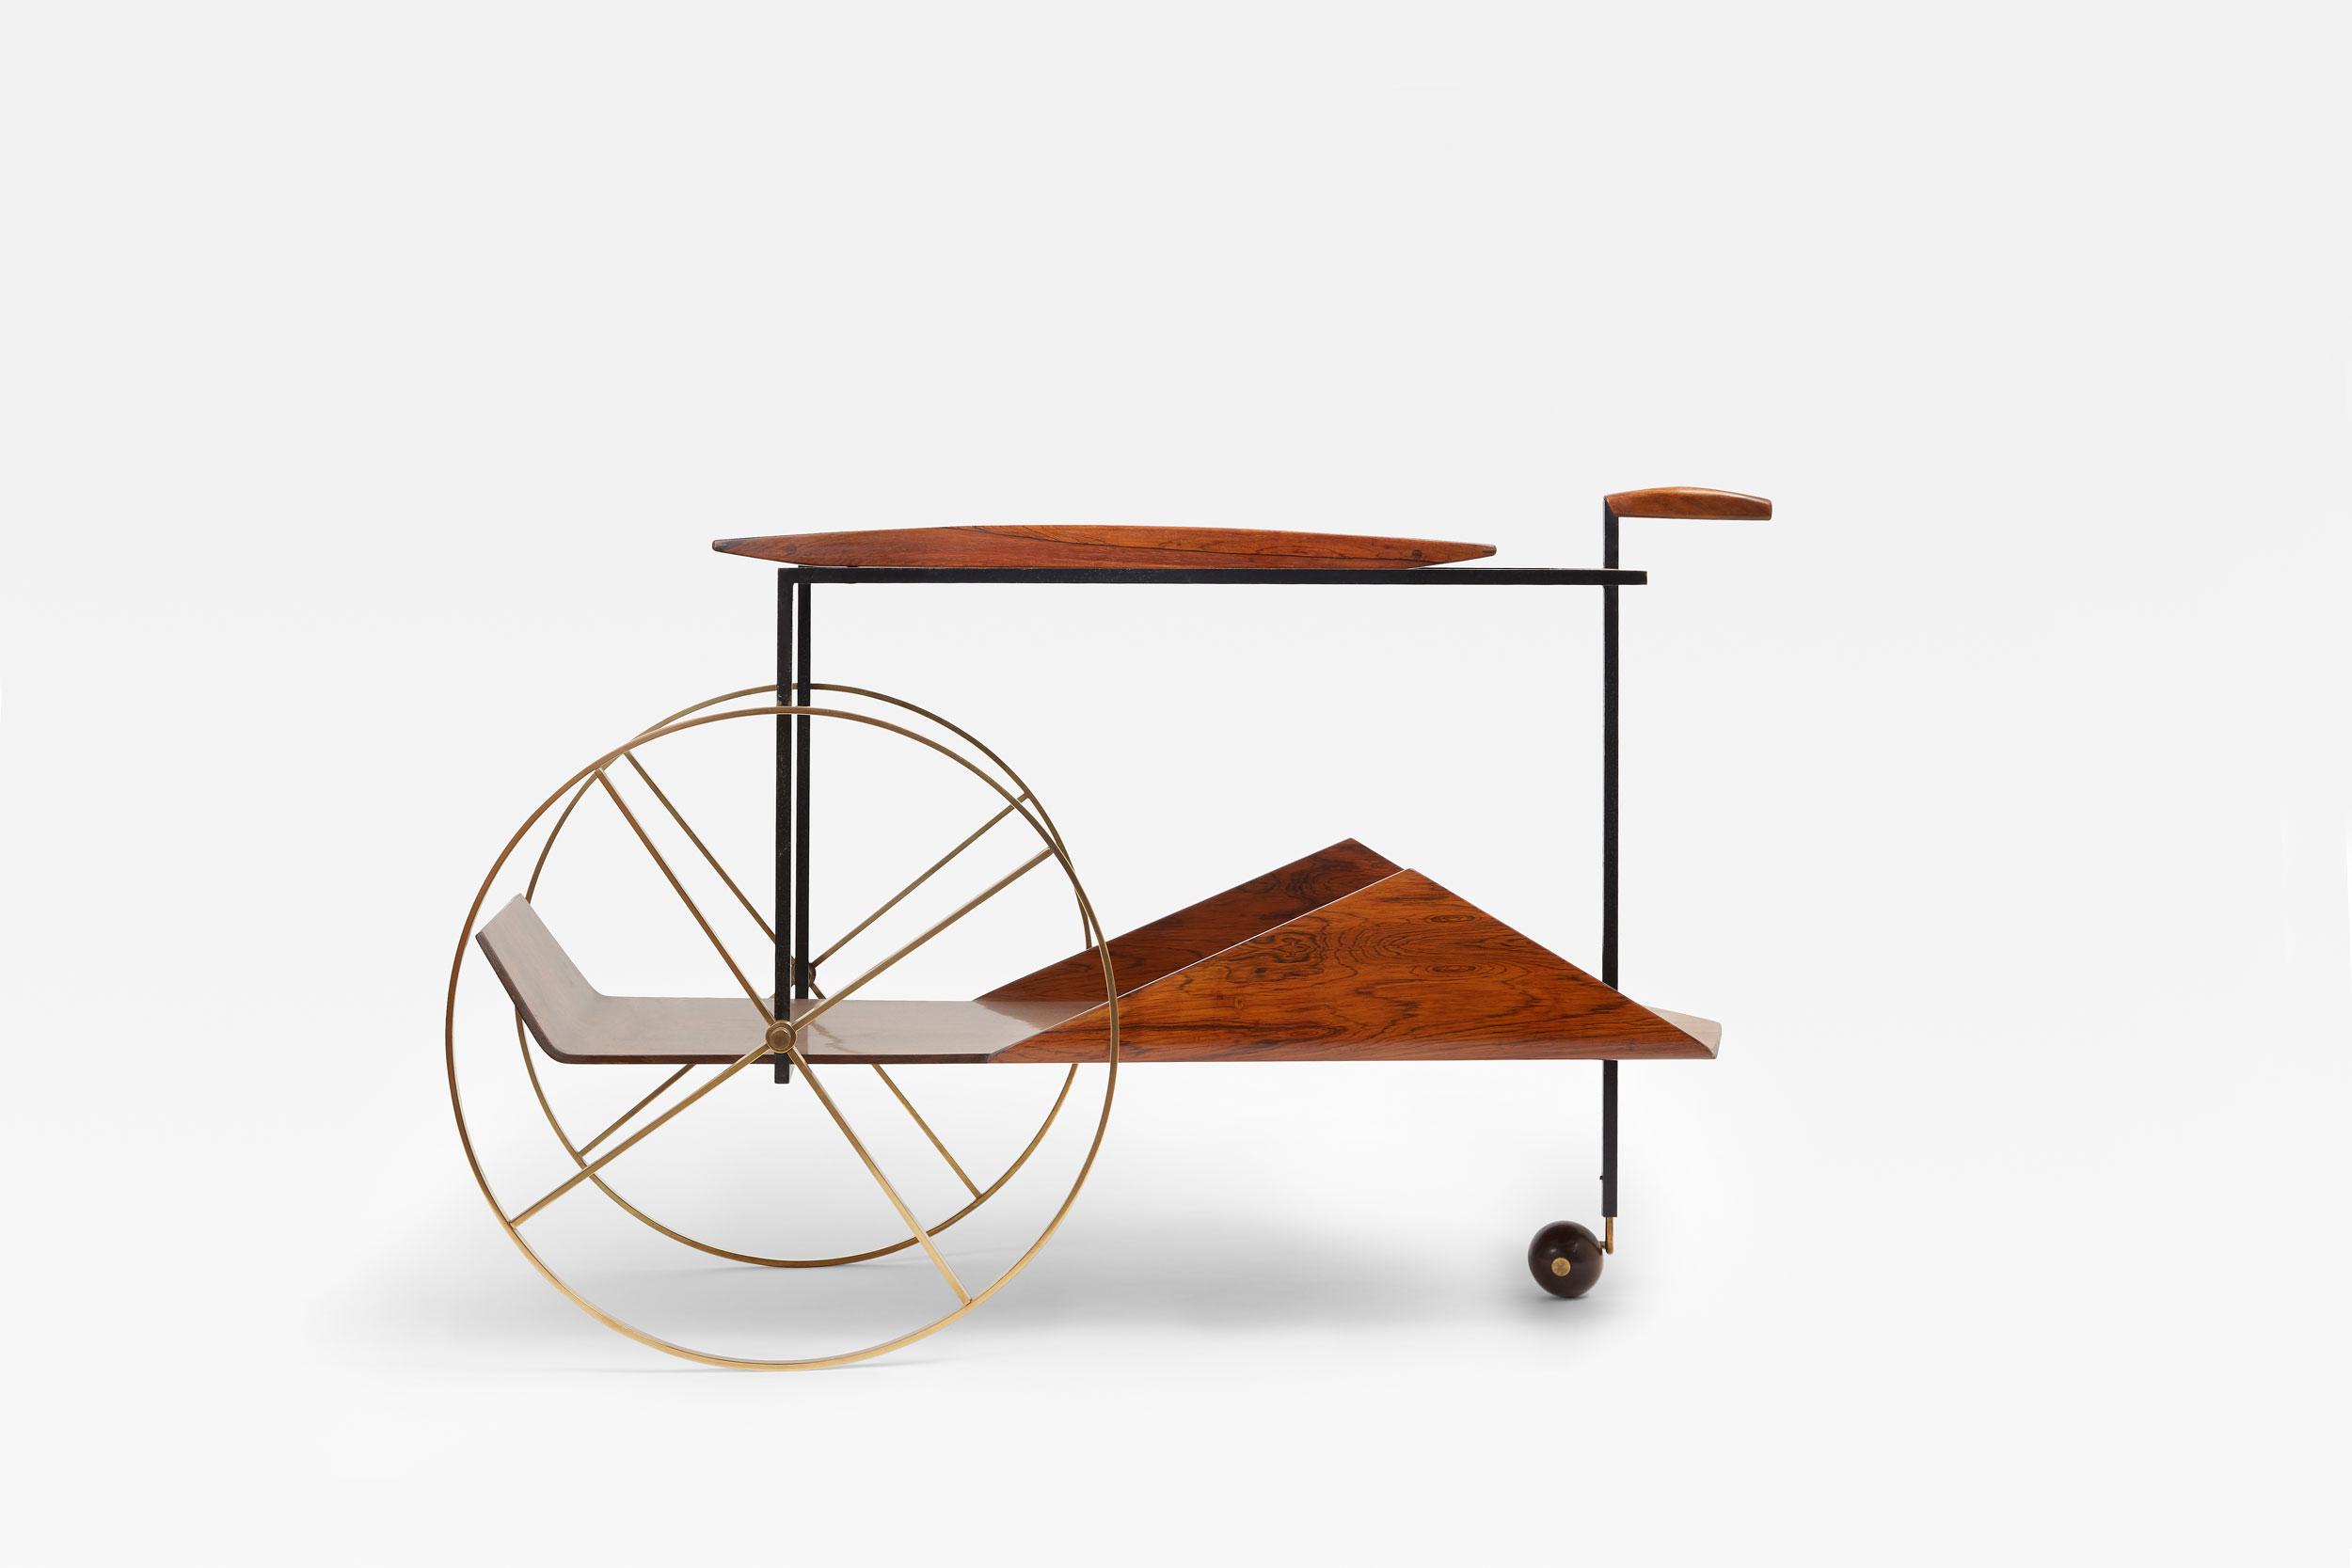 Jorge Zalszupin, Tea trolley, vue 02